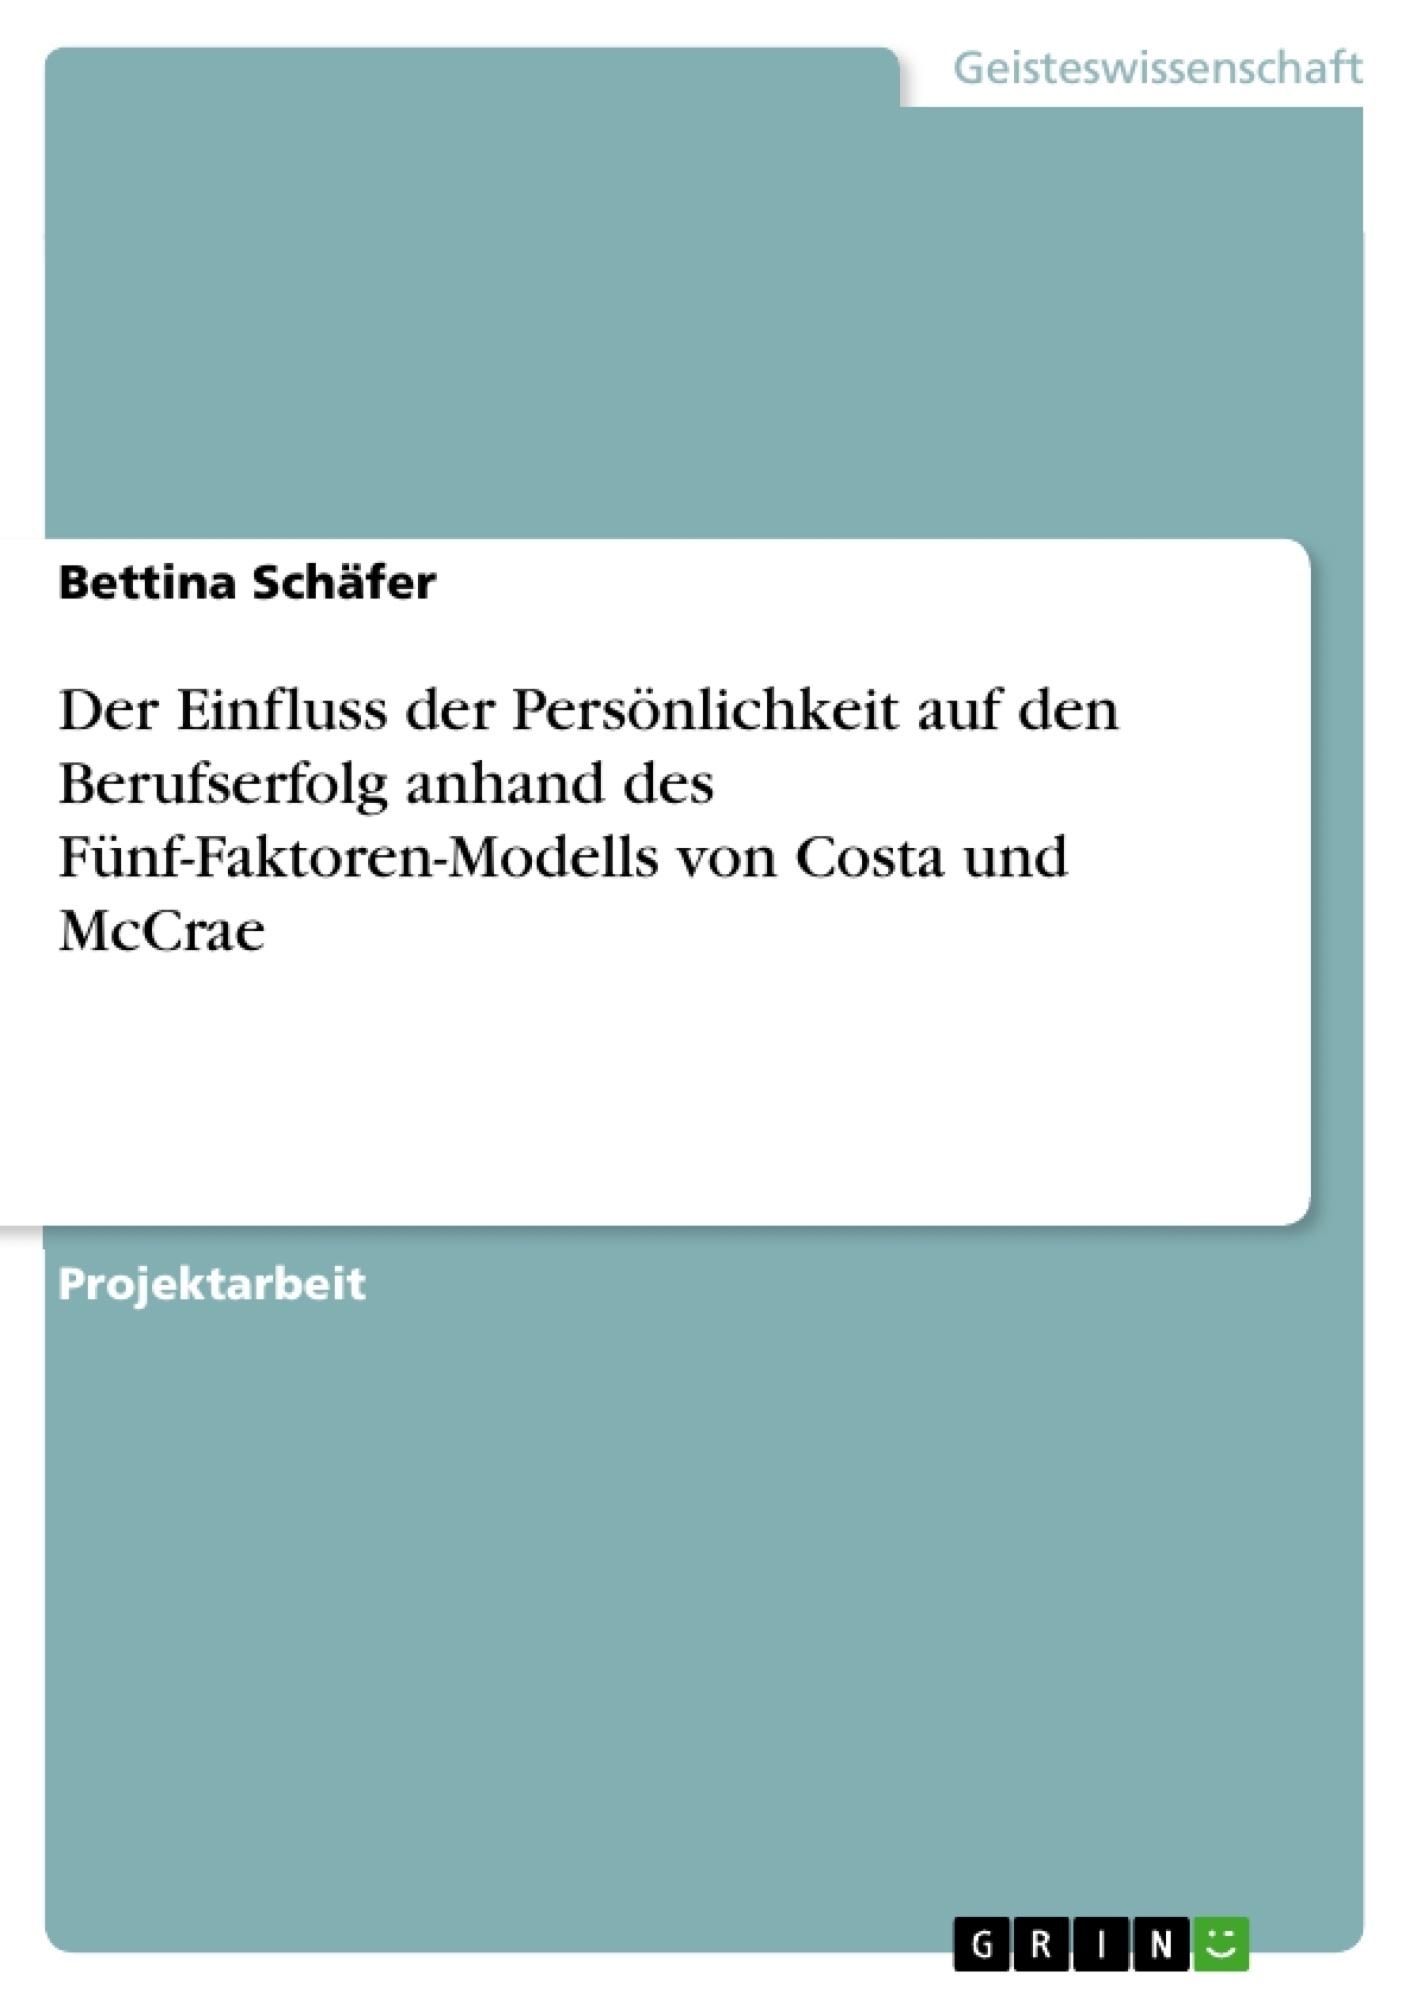 Titel: Der Einfluss der Persönlichkeit auf den Berufserfolg anhand des Fünf-Faktoren-Modells von Costa und McCrae